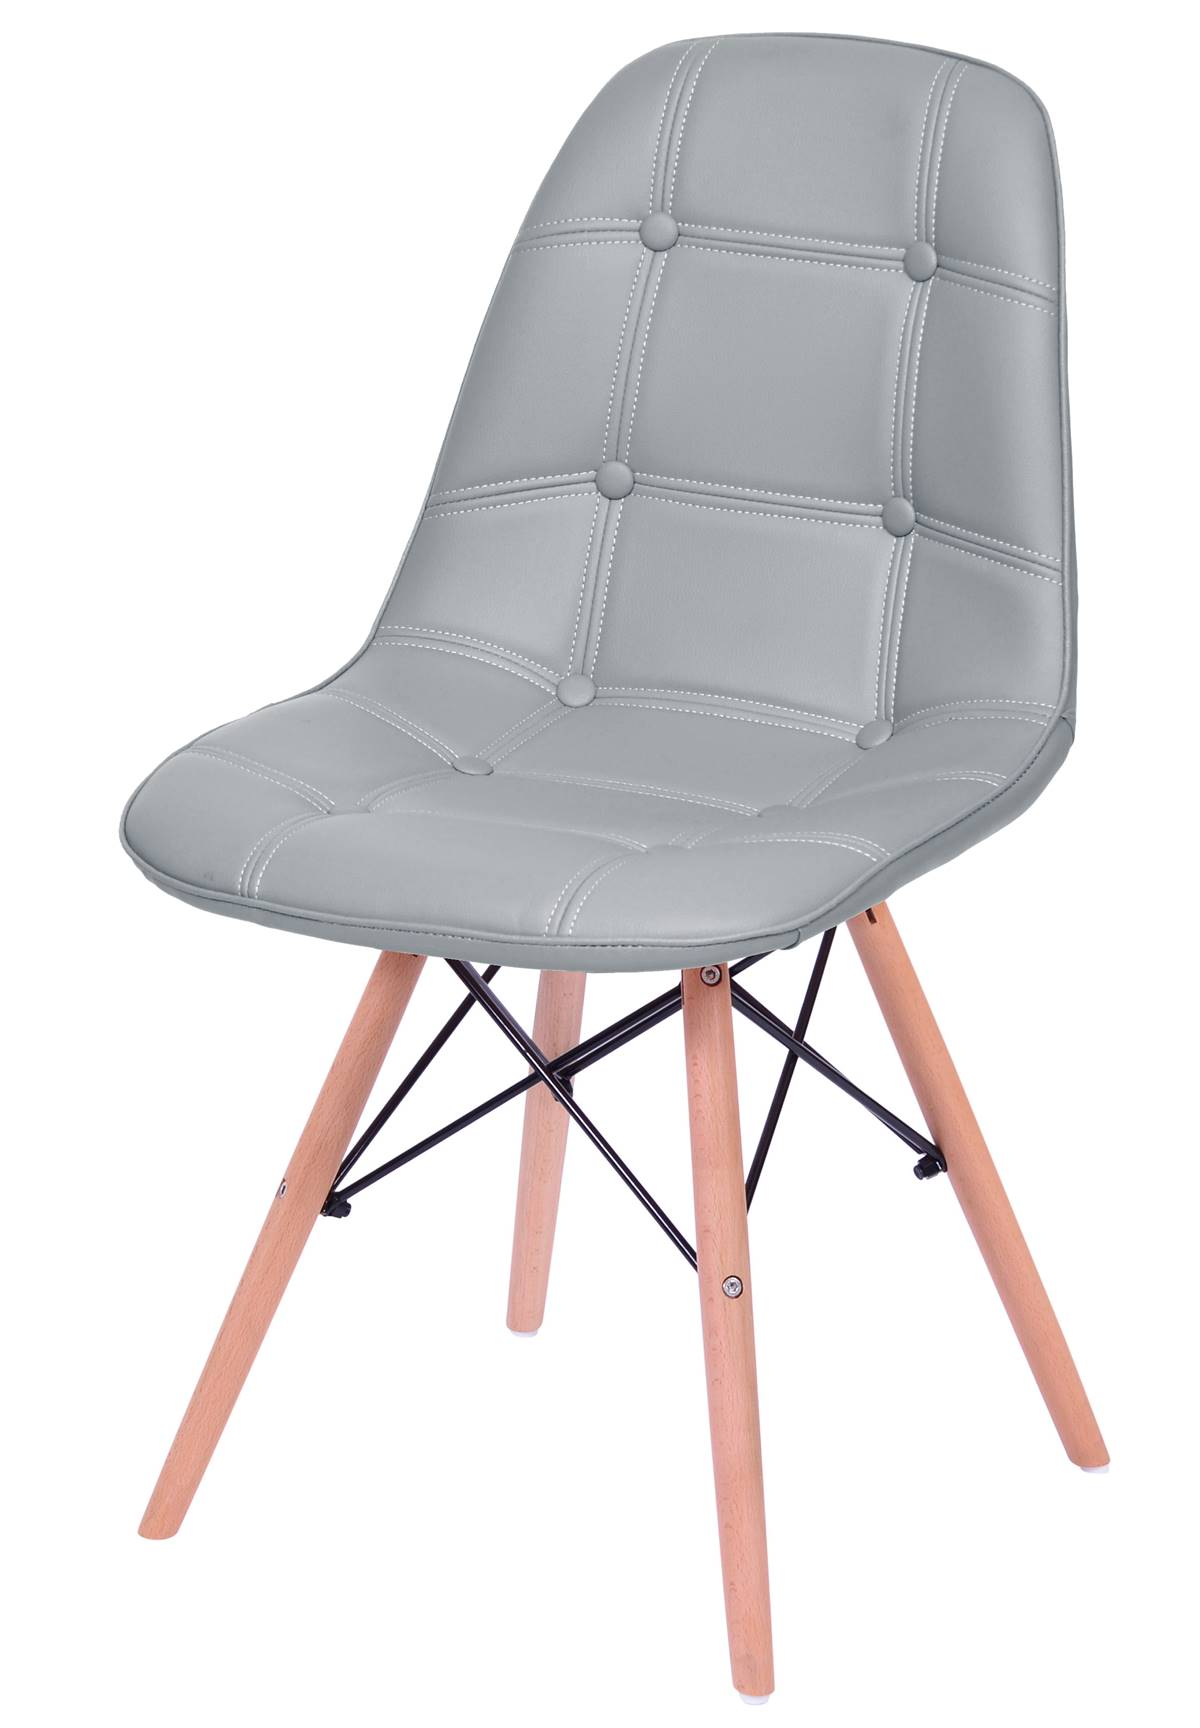 Cadeira Eames Botone Cinza Base Madeira - 53445